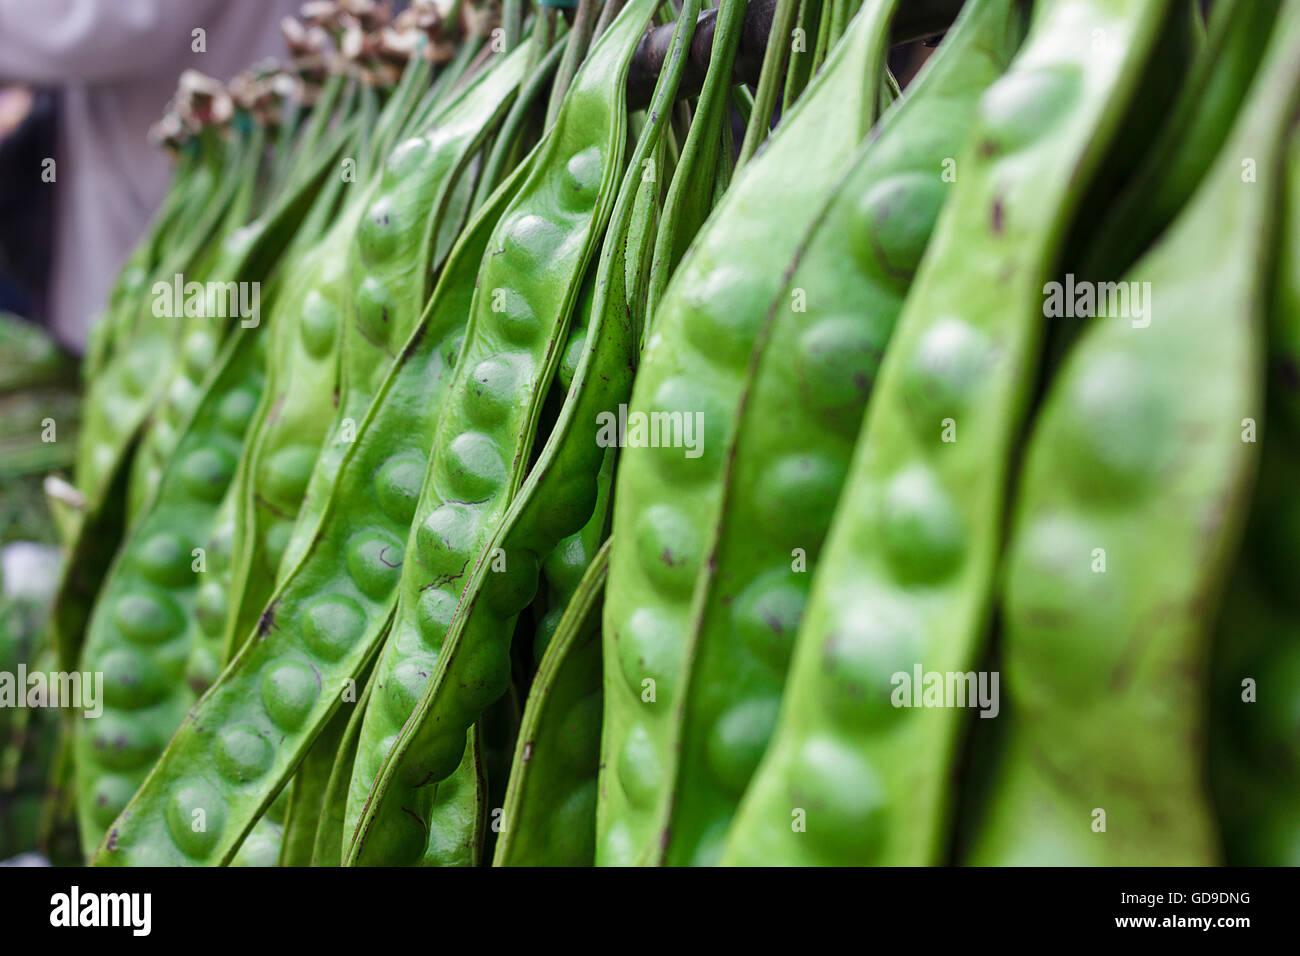 È sato un impianto utilizzati come ingredienti alimentari nel sud della Thailandia ha un odore pungente Immagini Stock